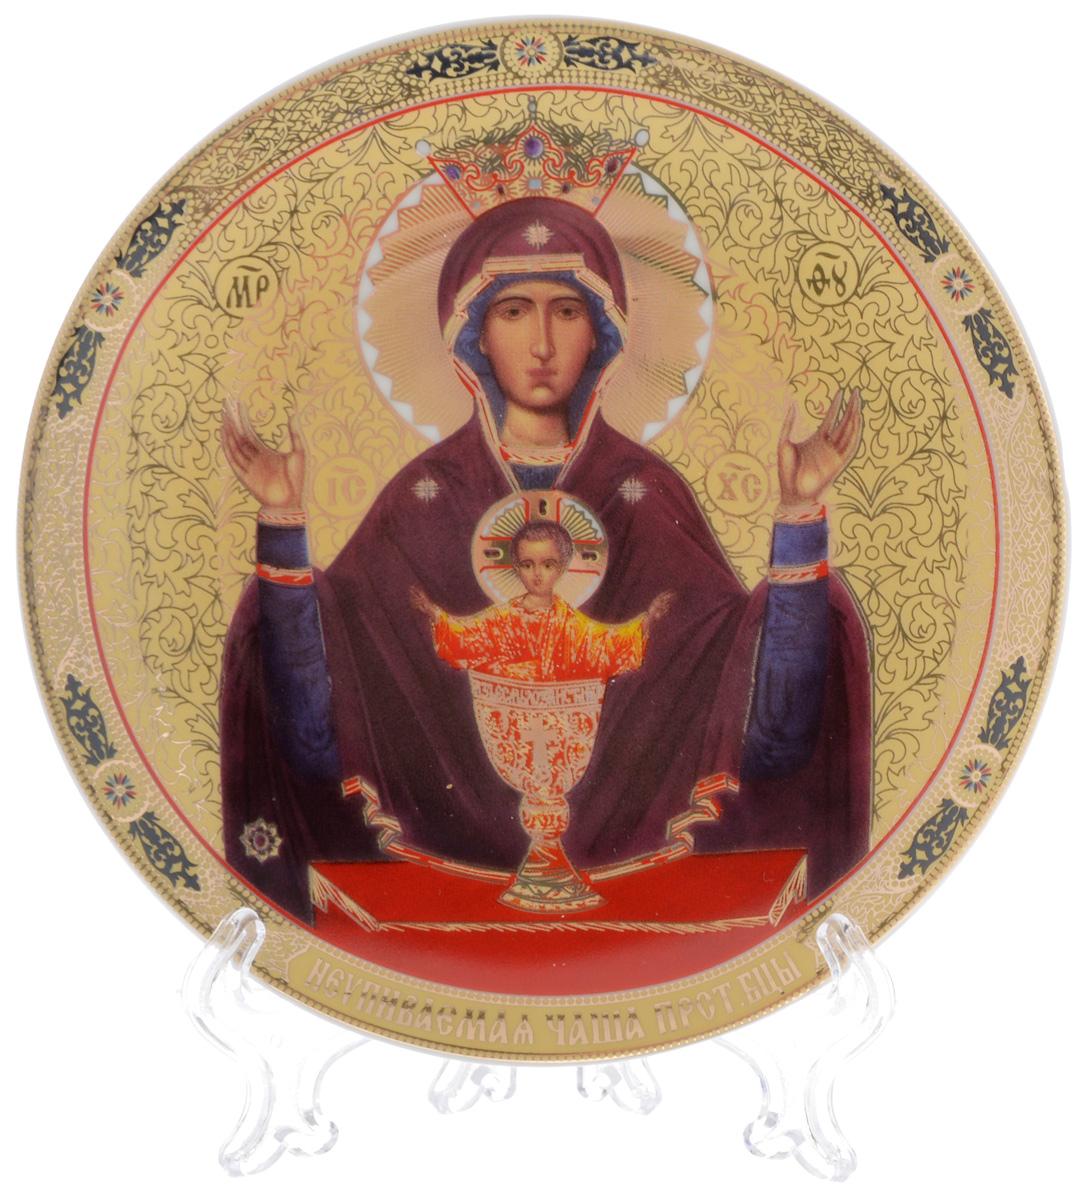 Тарелка декоративная Elan Gallery Пресвятая Богородица. Неупиваемая Чаша, диаметр 12,5 см набор для вышивания бисером светлица пресвятая богородица семистрельная 12 см х 16 см page 11